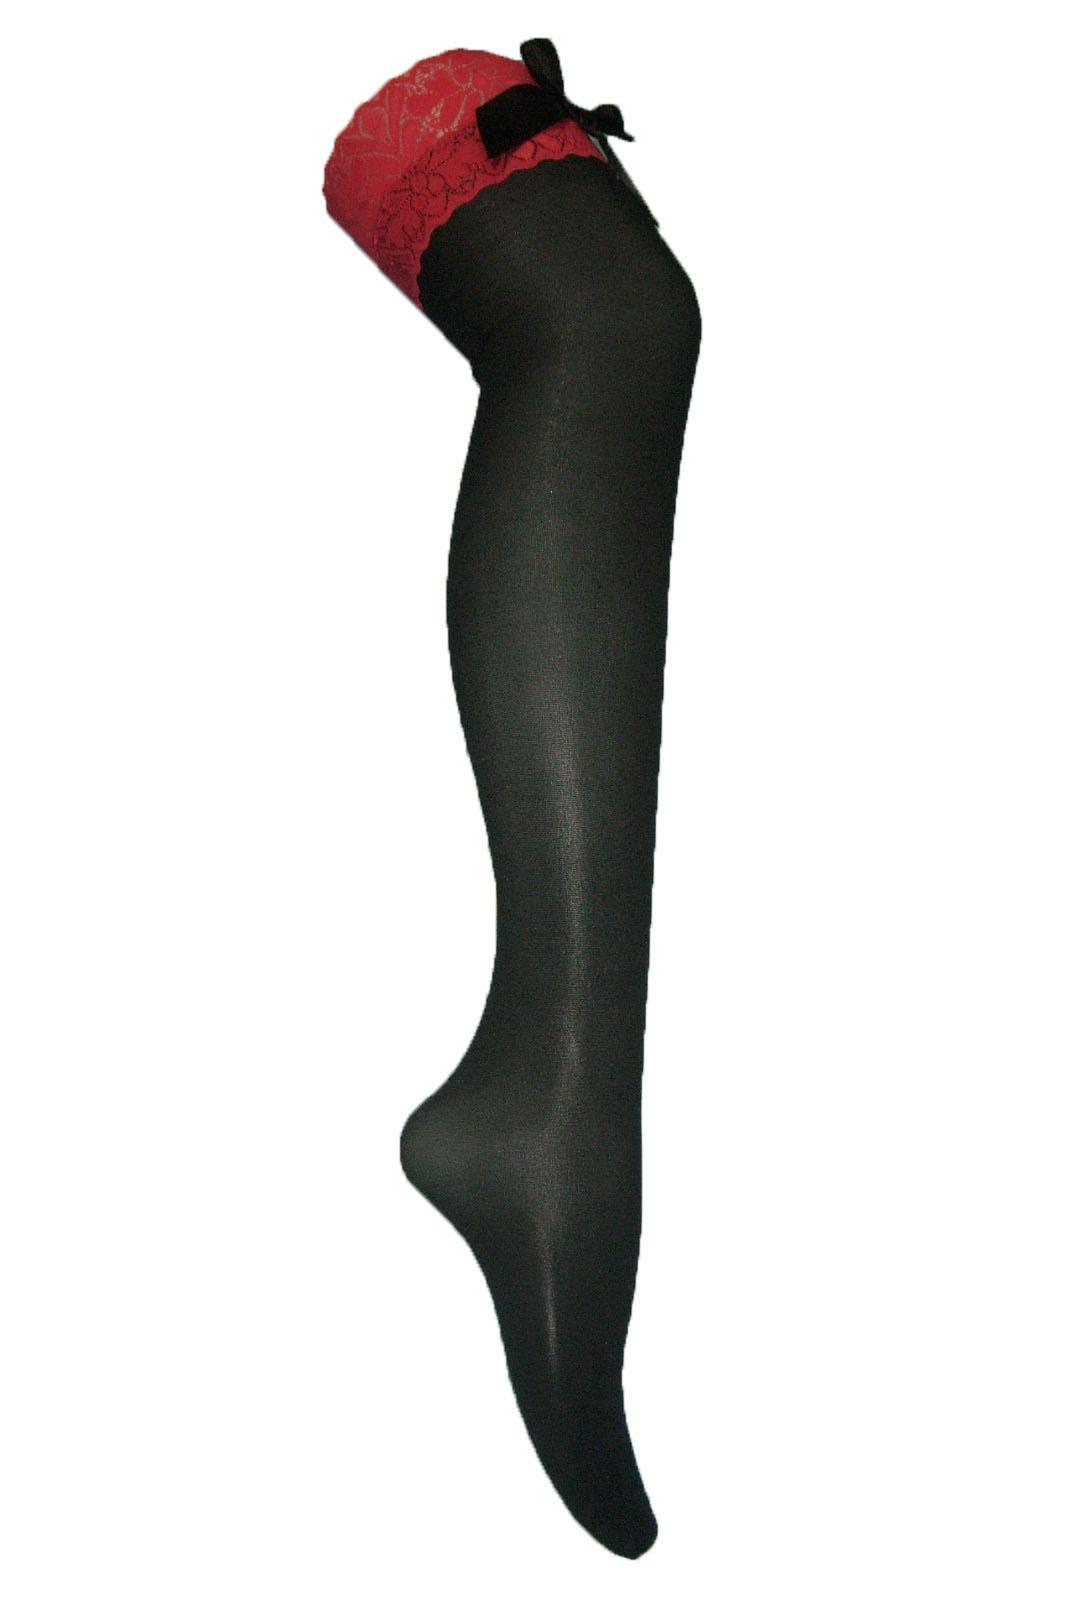 Черные чулки с красной резинкой и бантом (42-46) чулки seven til midnight большого размера с кружевной резинкой xl телесный